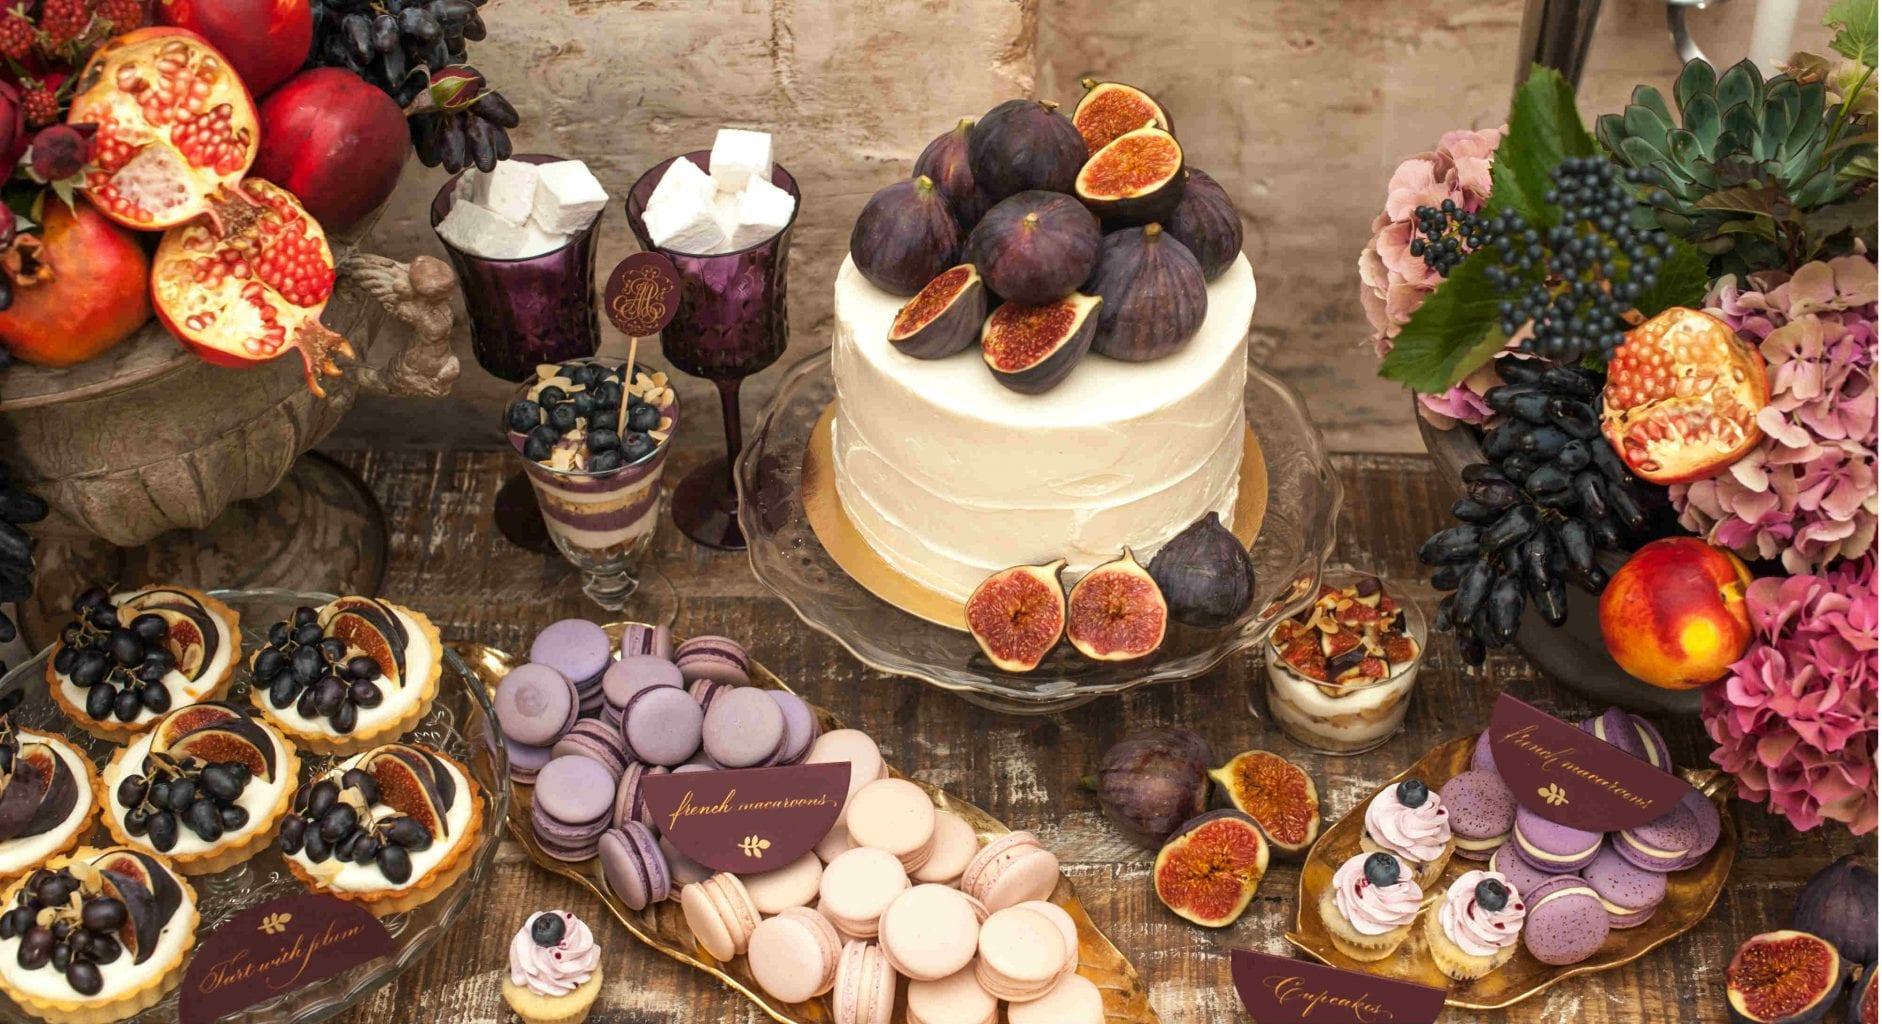 wedding feast parable 28th sunday ordinary A invited guests refuse invitation sloth king son banquete de bodas fiesta rey pereza fiesta de boda invitación invitacion invitados